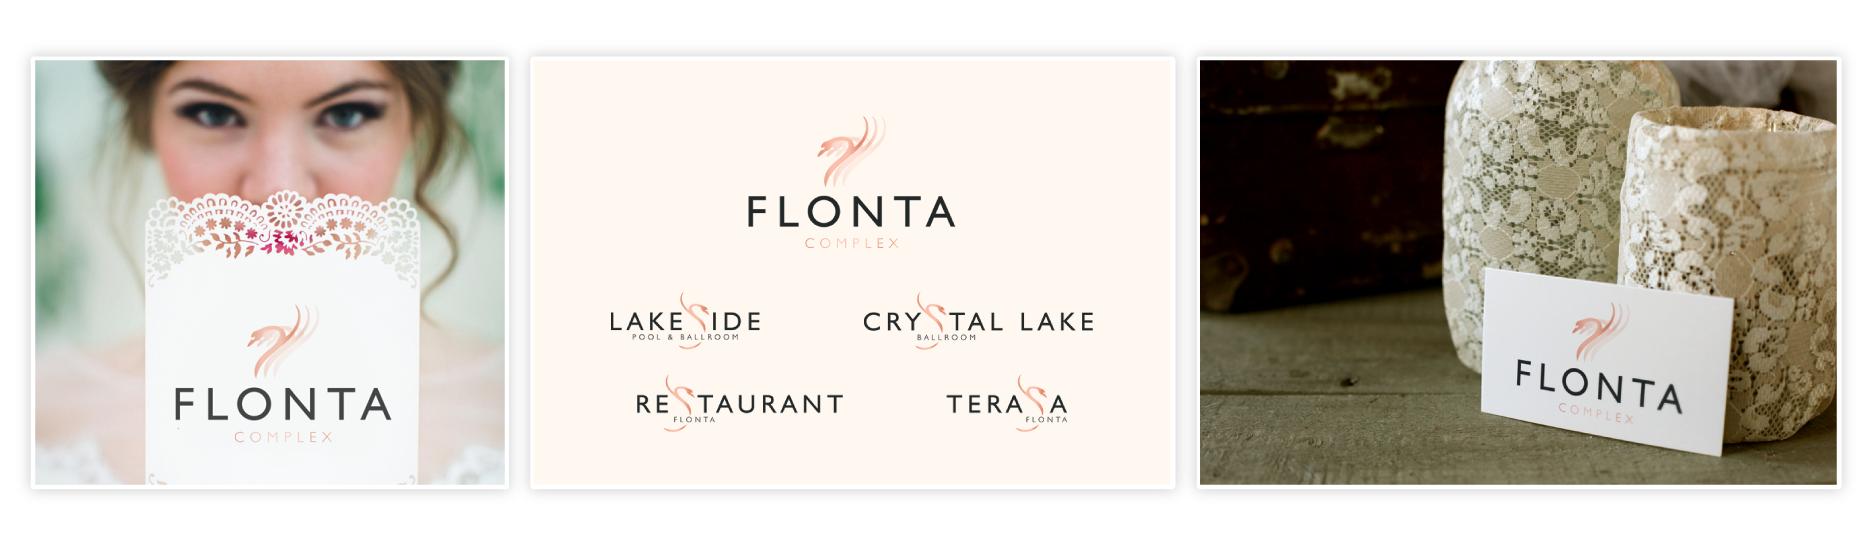 flonta